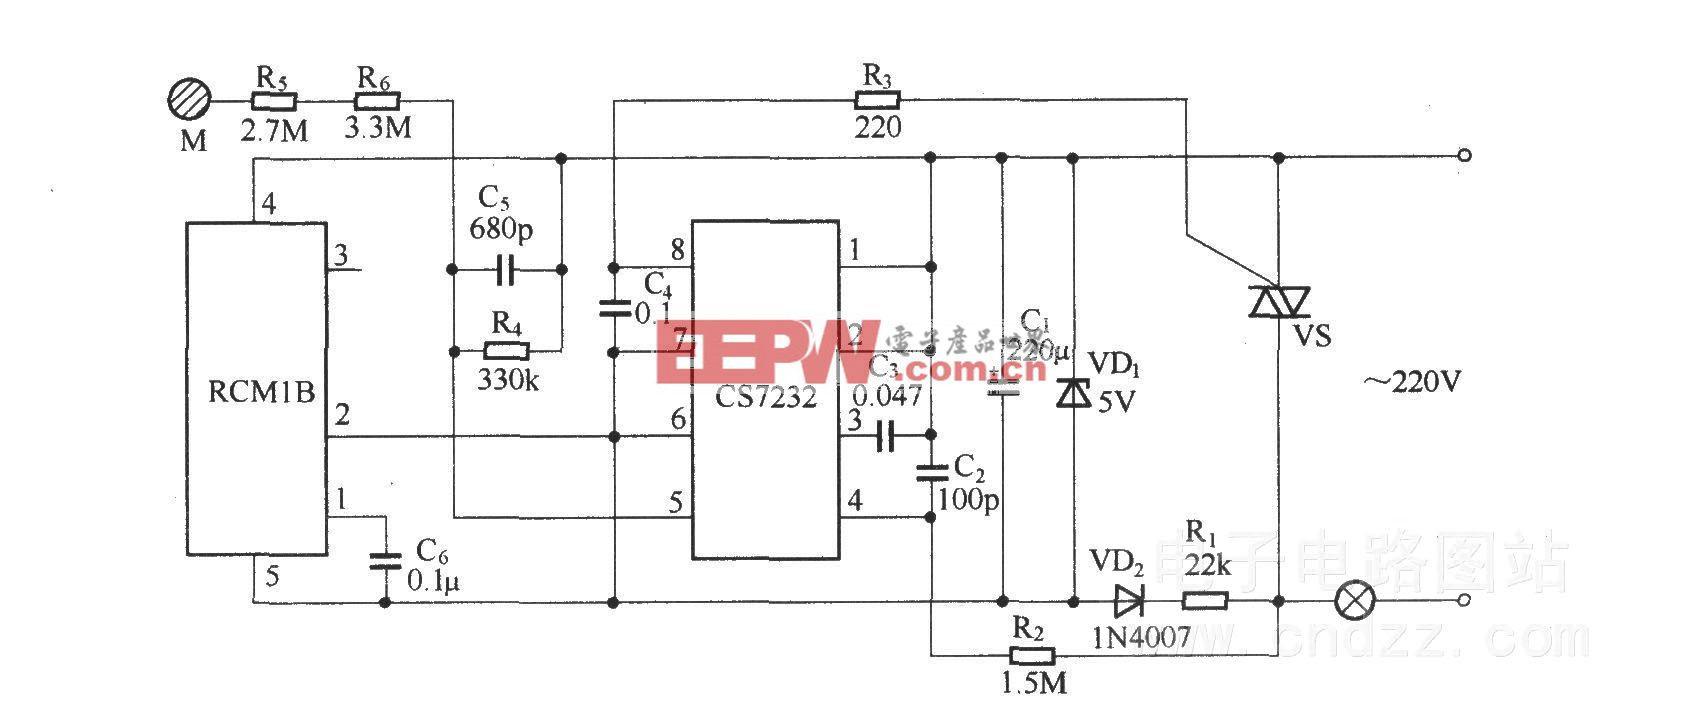 无线遥控/触摸调光电路(RCM1A/RCM1B)